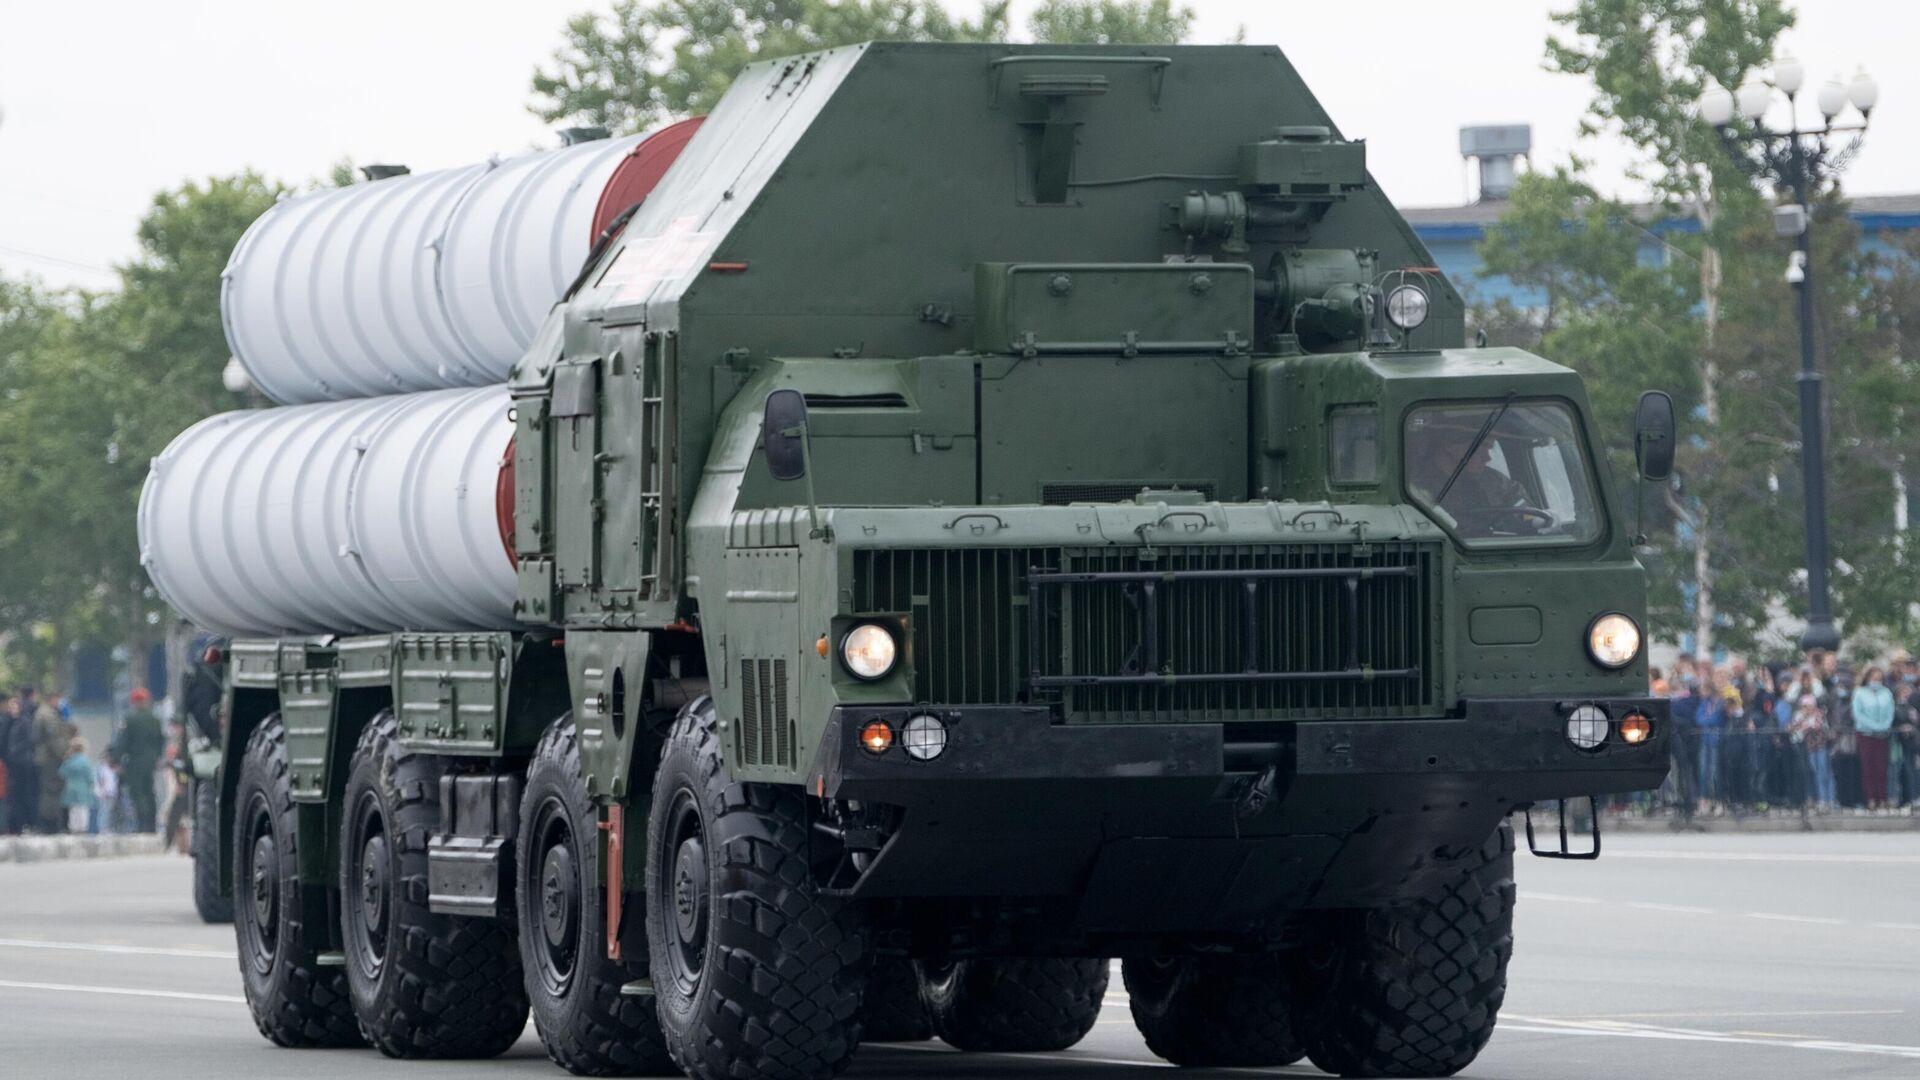 Зенитная ракетная система С-400 во время военного парада в ознаменование 75-летия Победы в Великой Отечественной войне 1941-1945 годов в Южно-Сахалинске - РИА Новости, 1920, 29.06.2021